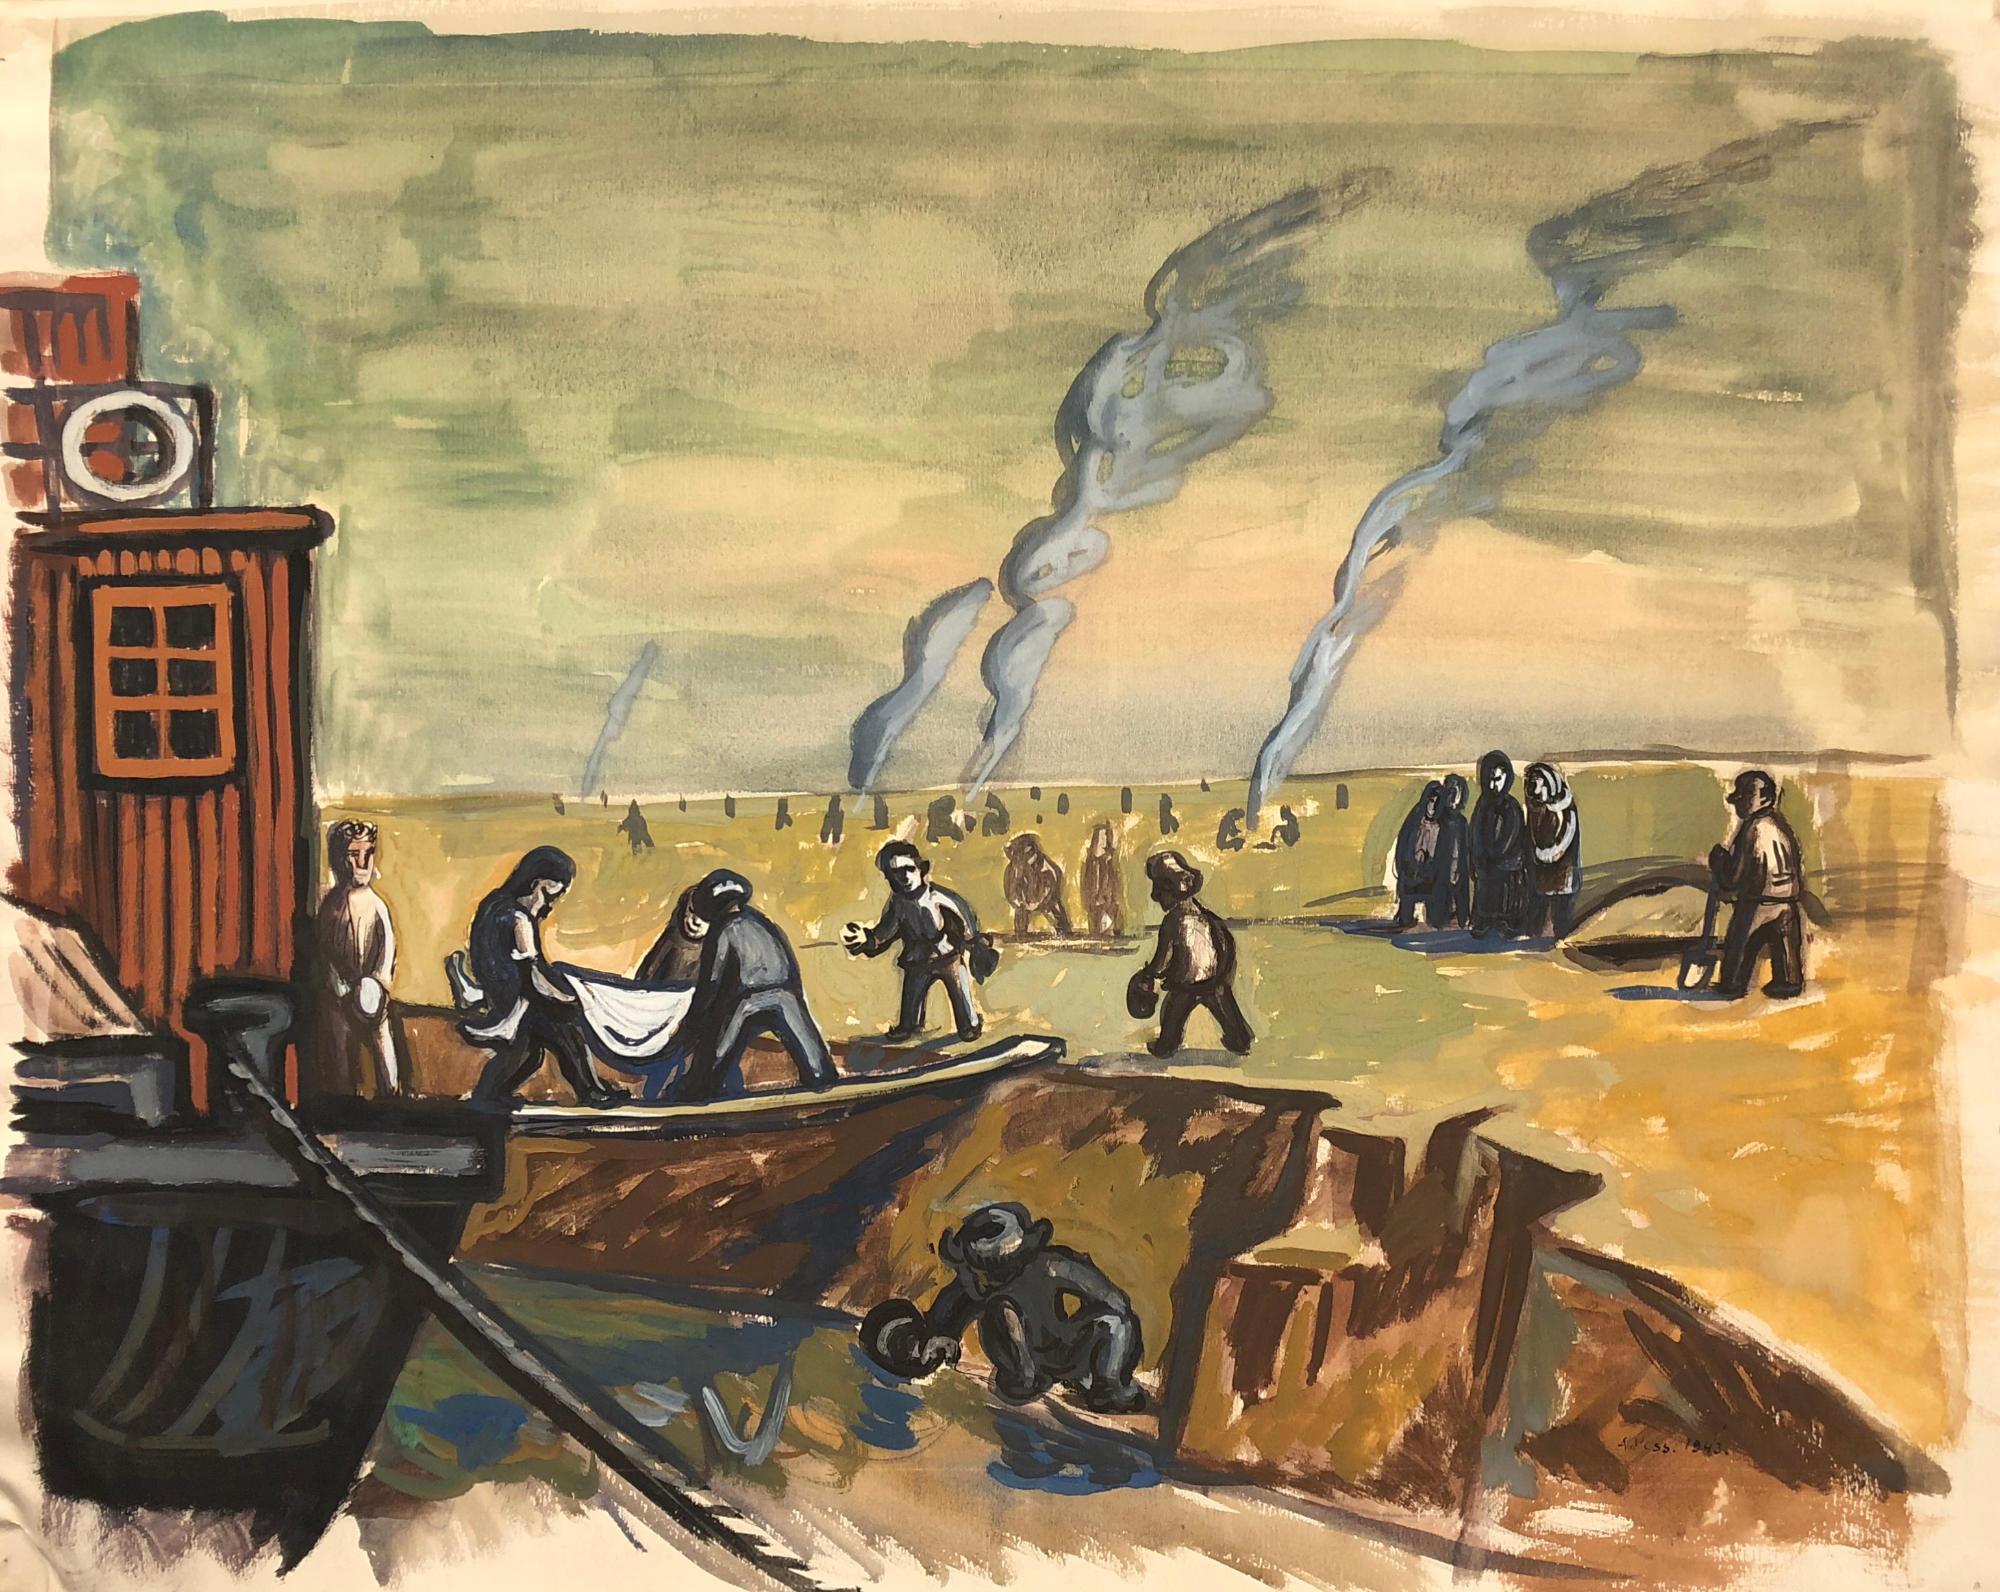 Obraz przedstawiajacy wynoszenie ciał zmarłych zbarki śmierci wczasie postoju. Nabliskim planie widać ludzi przenoszących ciało awoddali unoszący się dym. Tempera napapierze, Adam Kossowski, praca stworzona wLondynie w1943 roku.